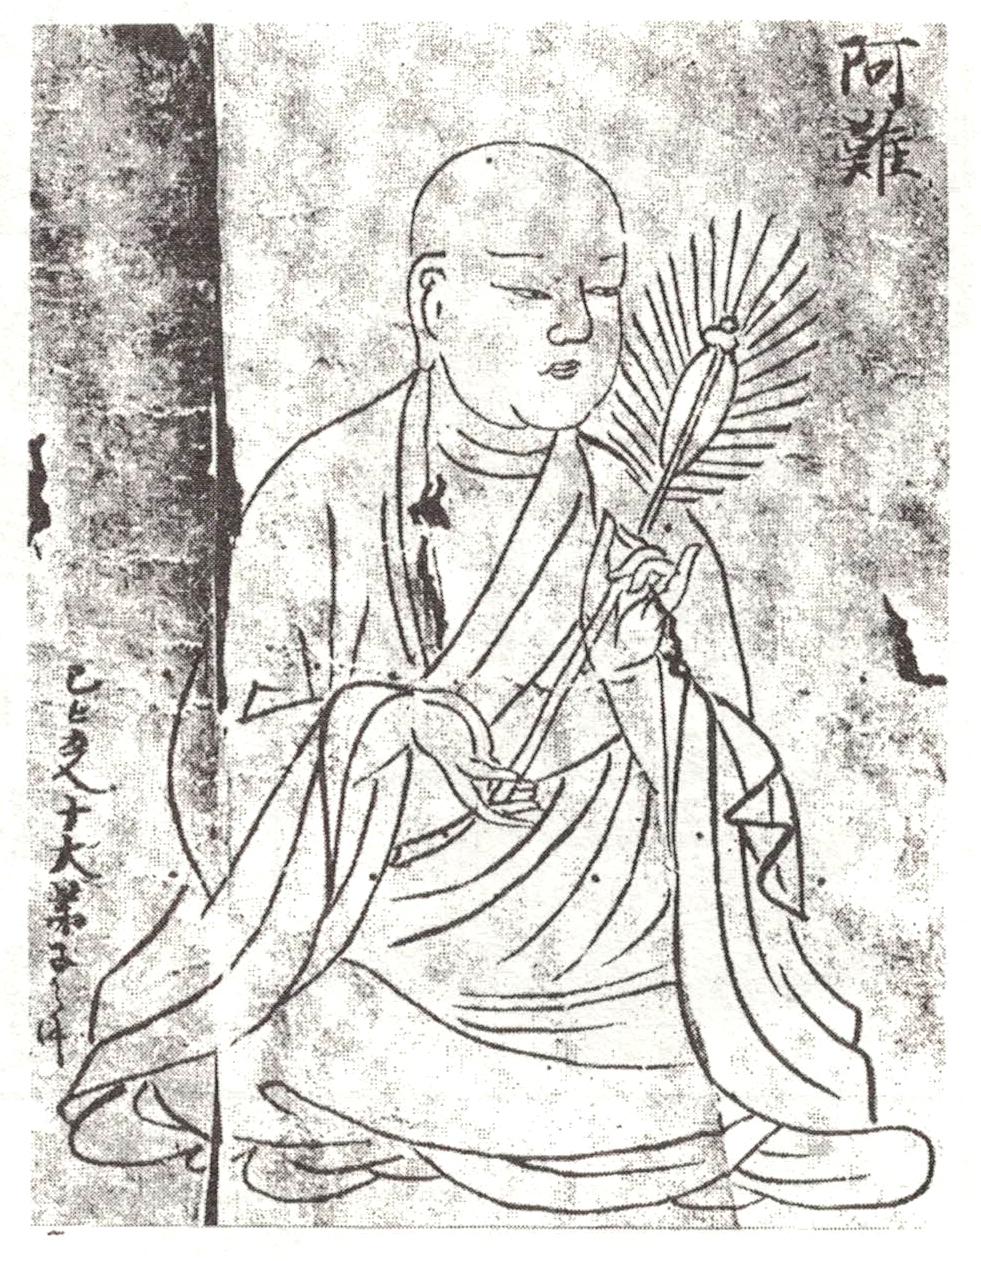 Ананда. Изображение 1163 г. Искусство Евразии, журнал об искусстве